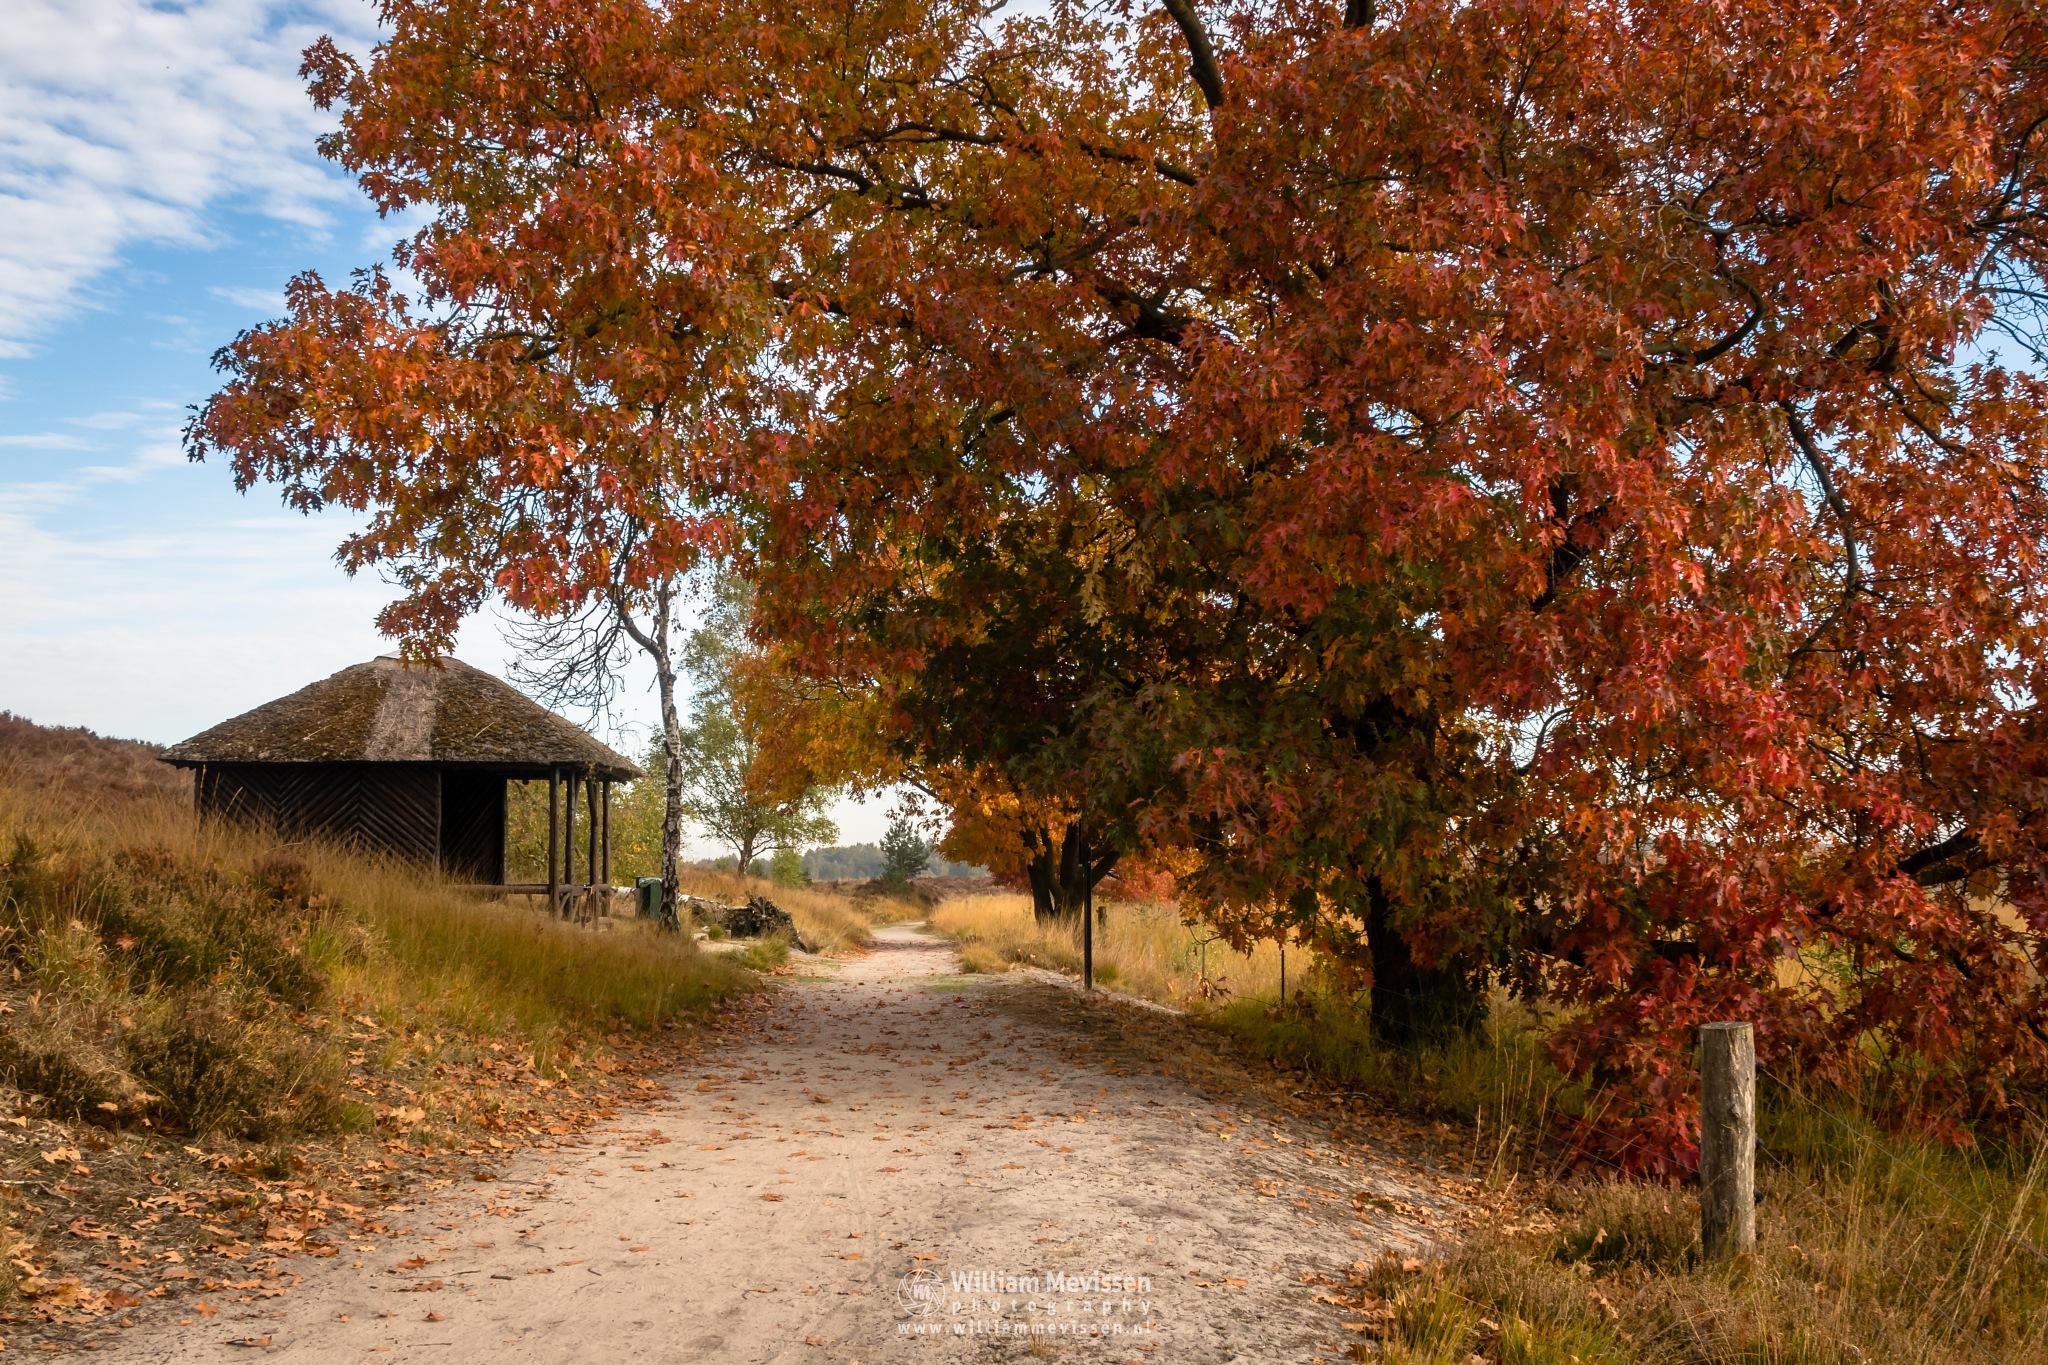 Autumn Tree Cabin Pikmeeuwenwater by William Mevissen